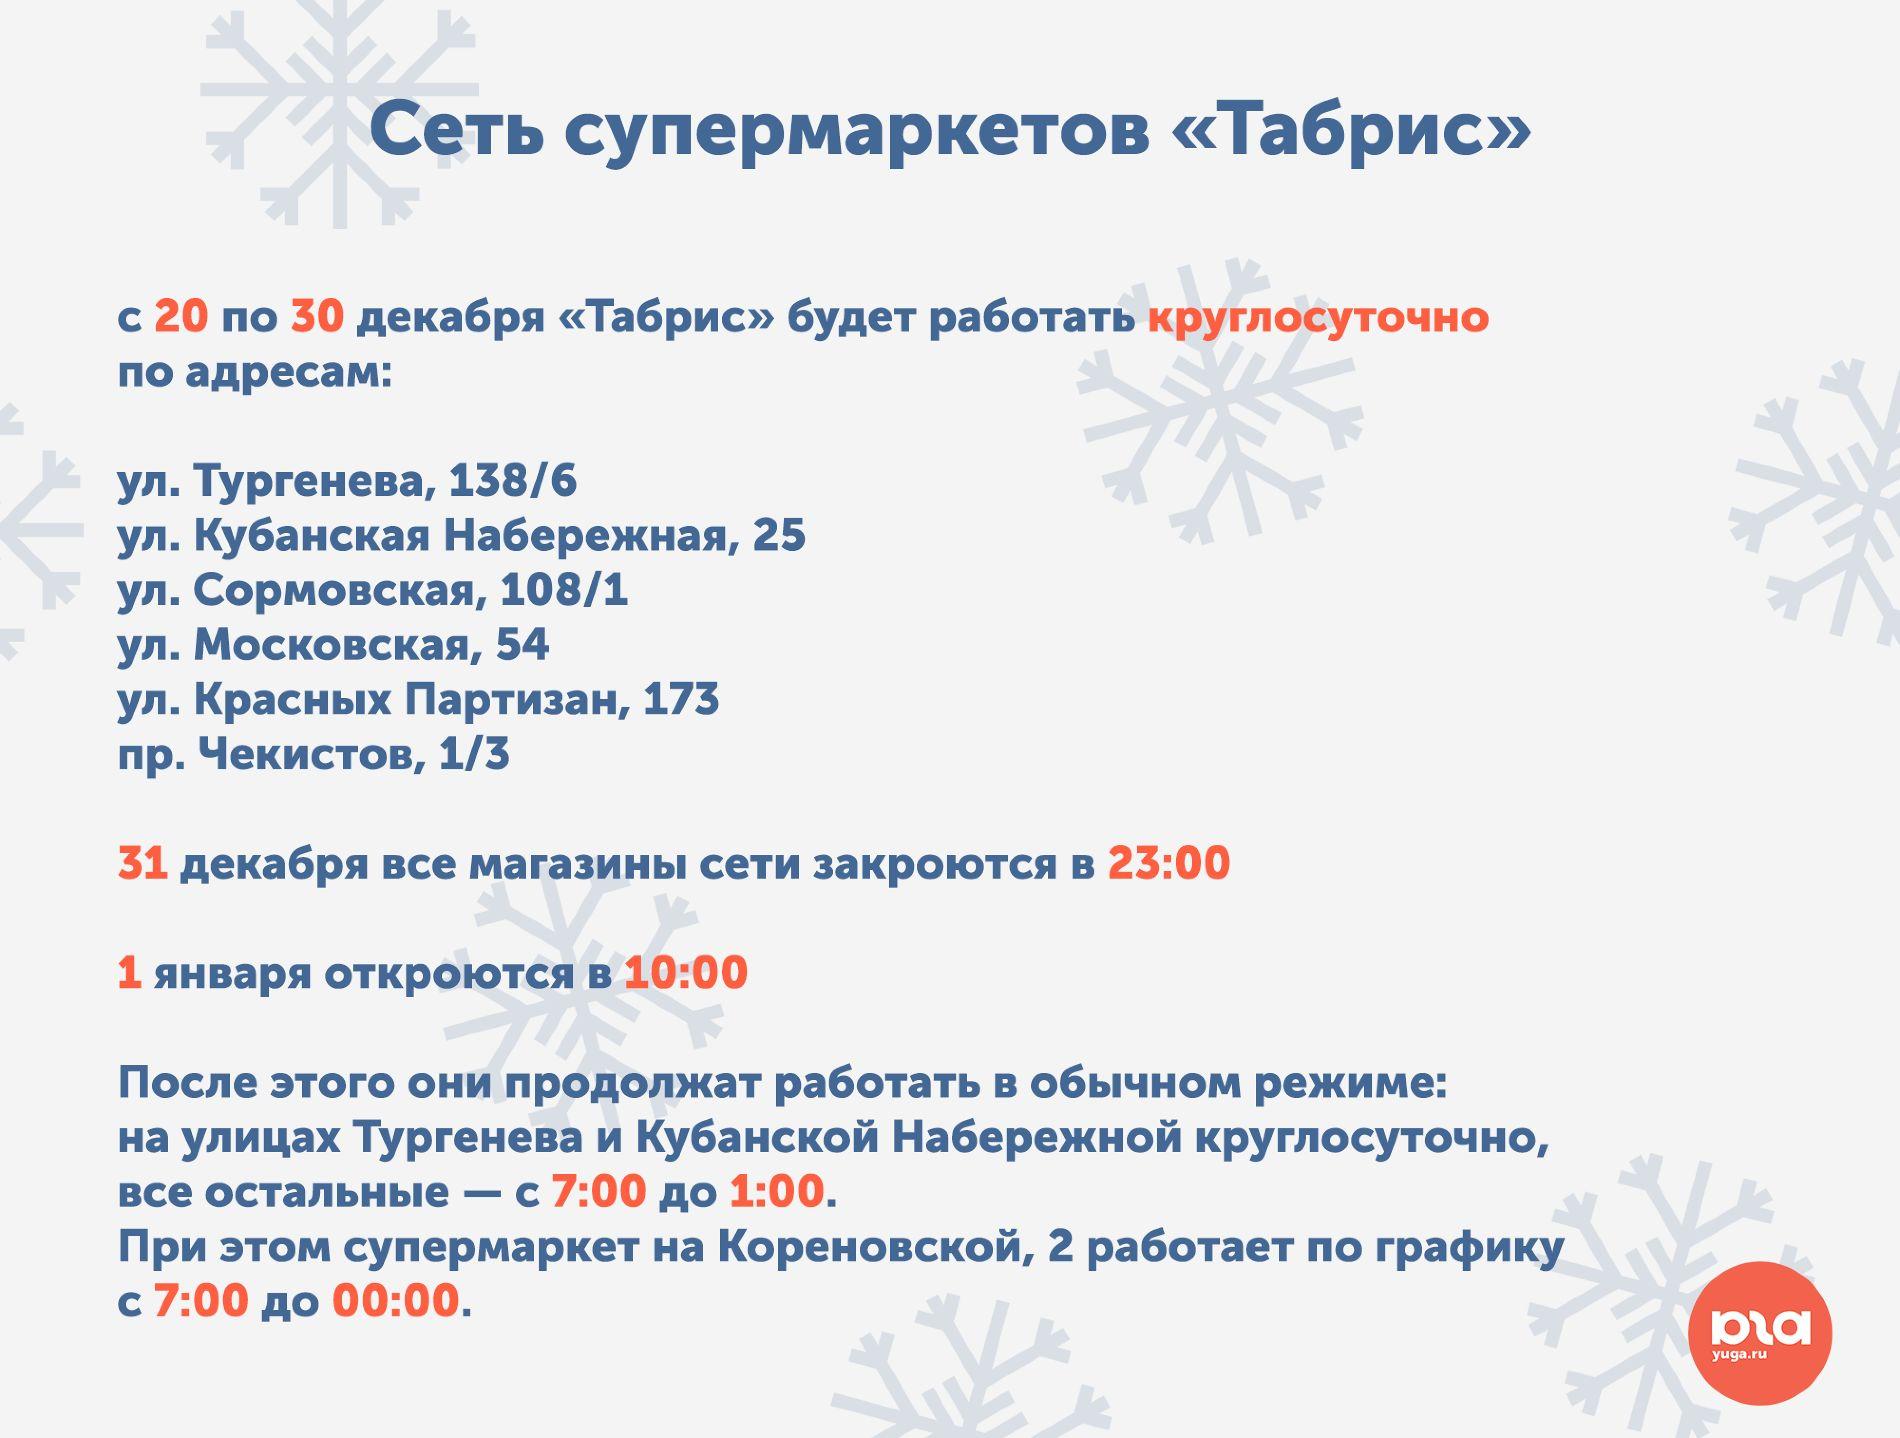 ©Графика Юга.ру